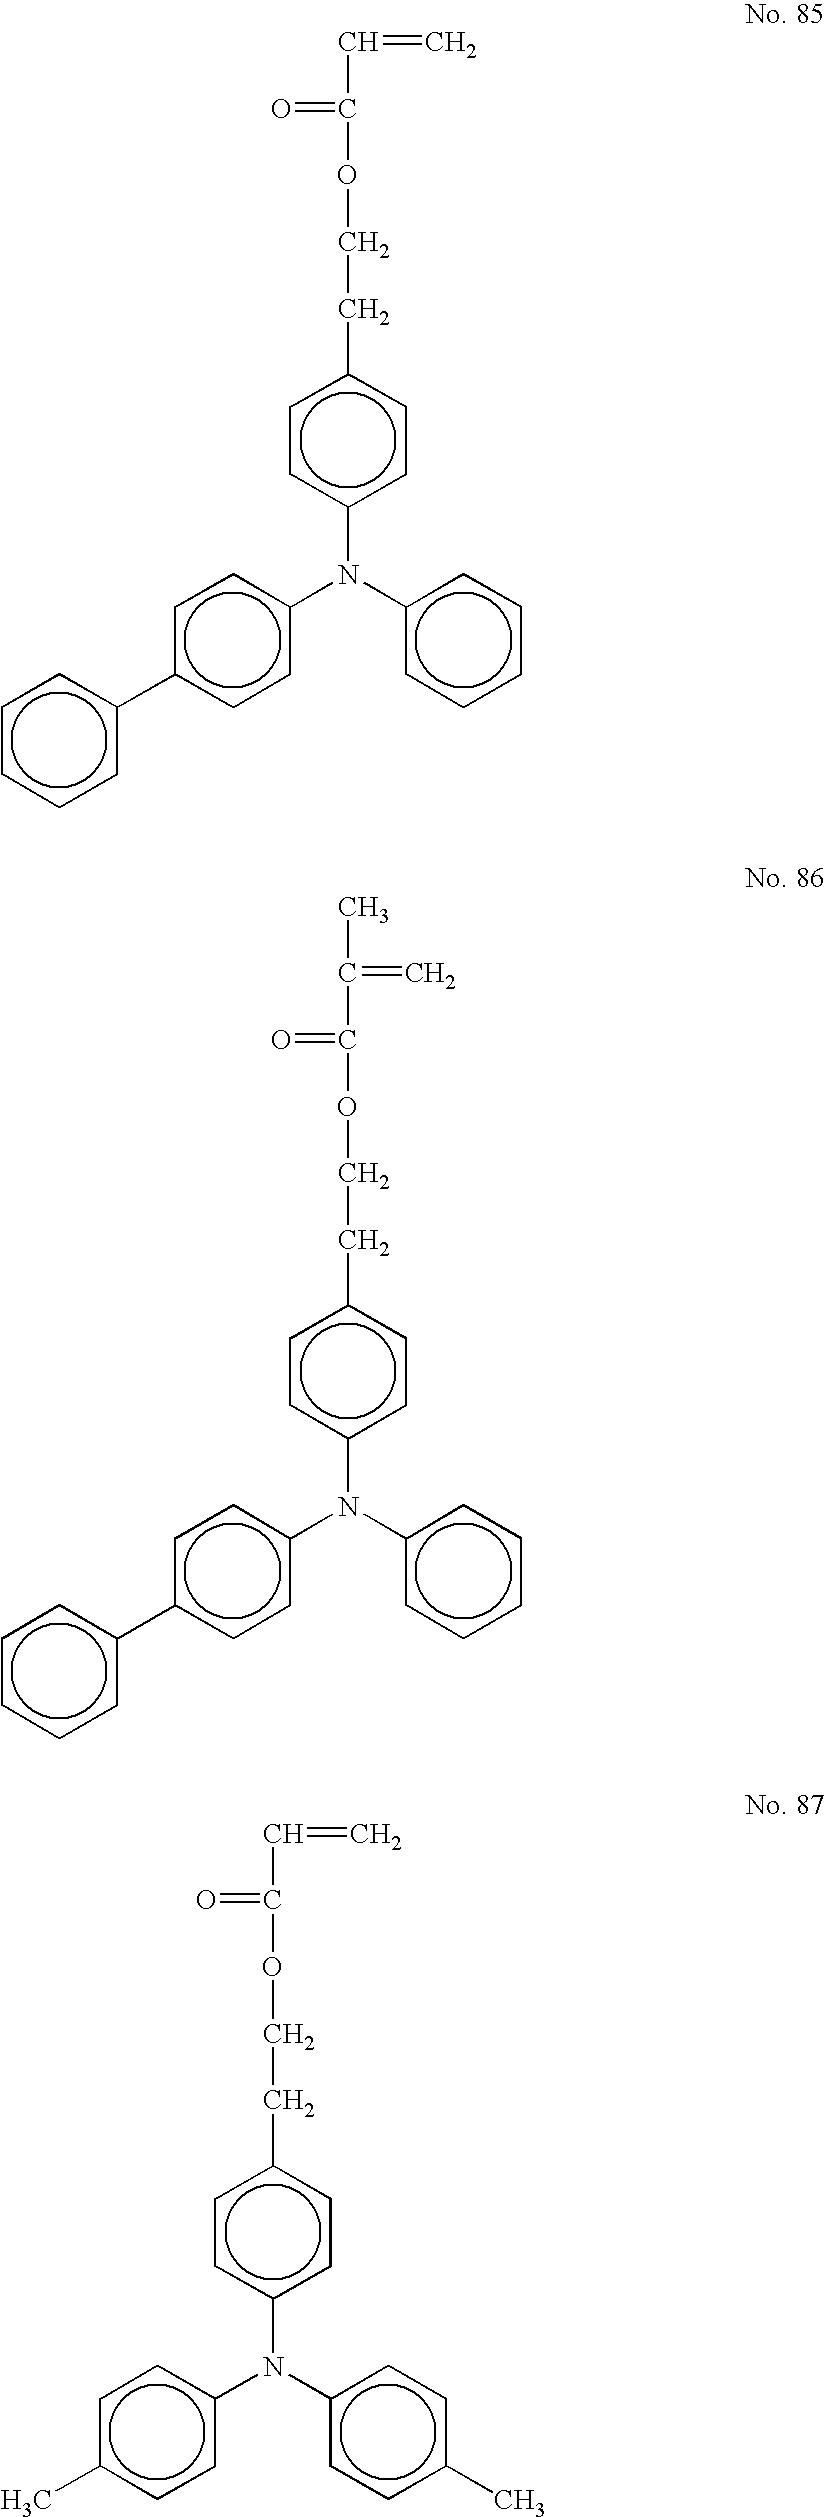 Figure US20050175911A1-20050811-C00030